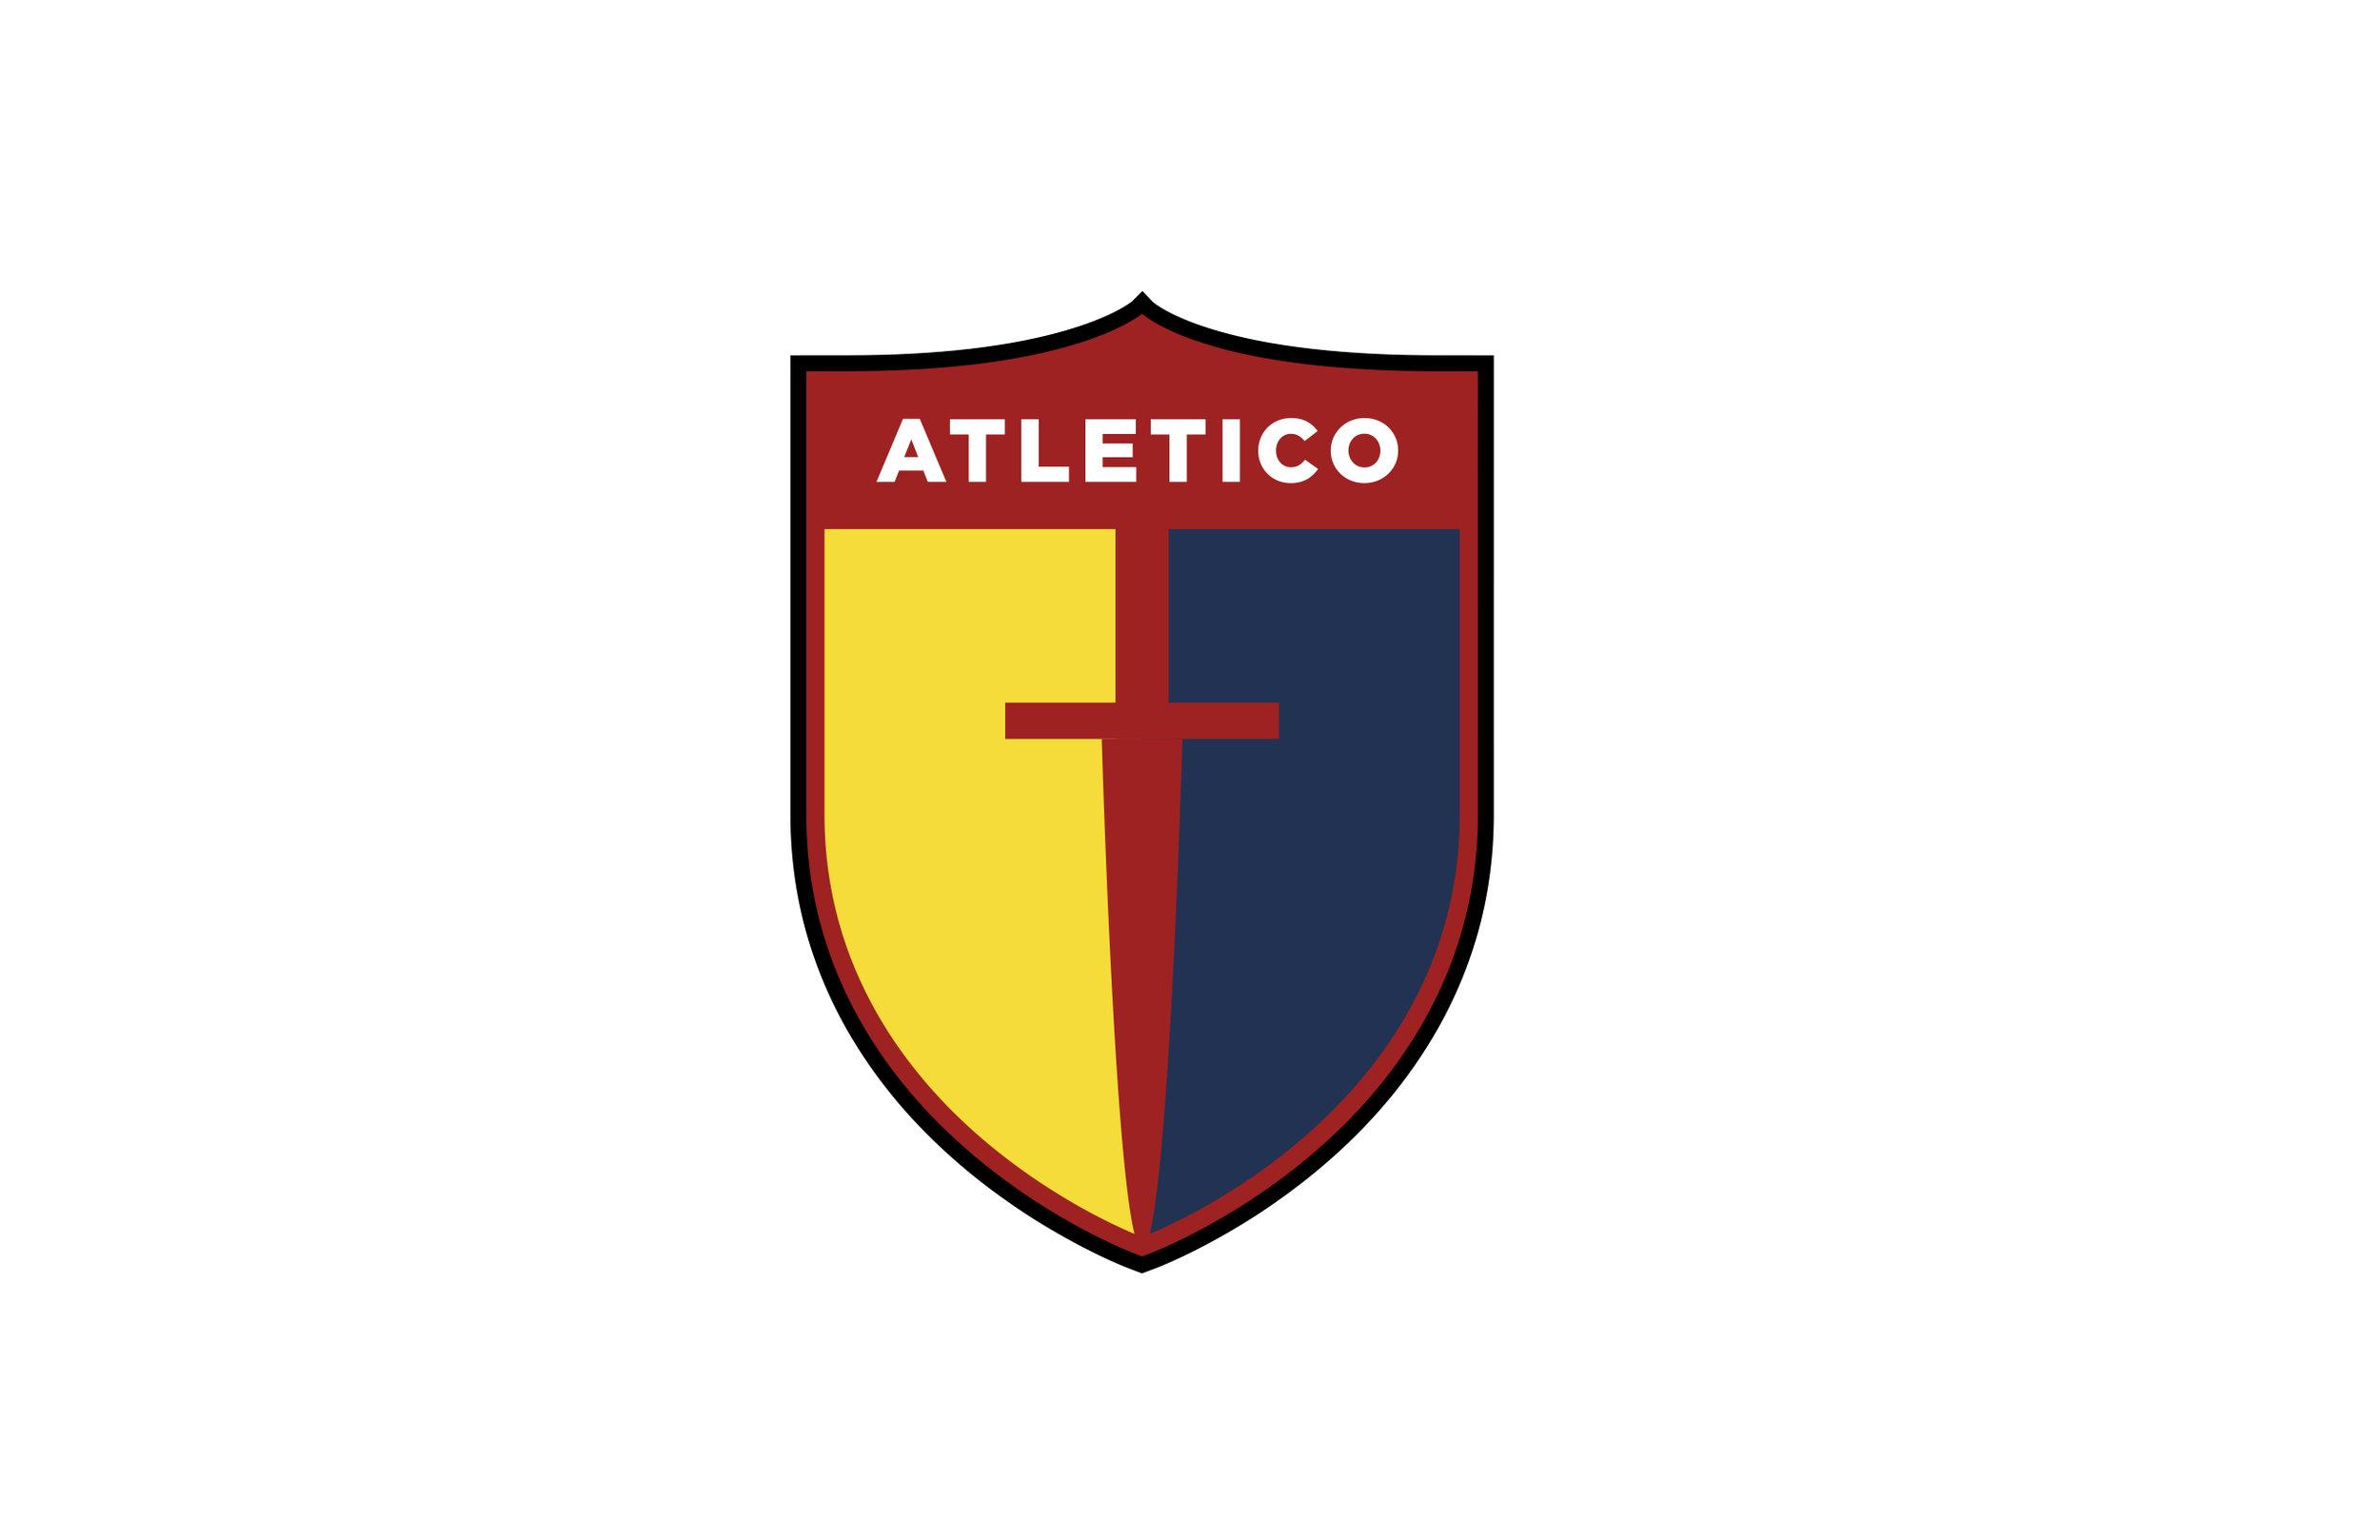 Atletico-red-logo.jpg